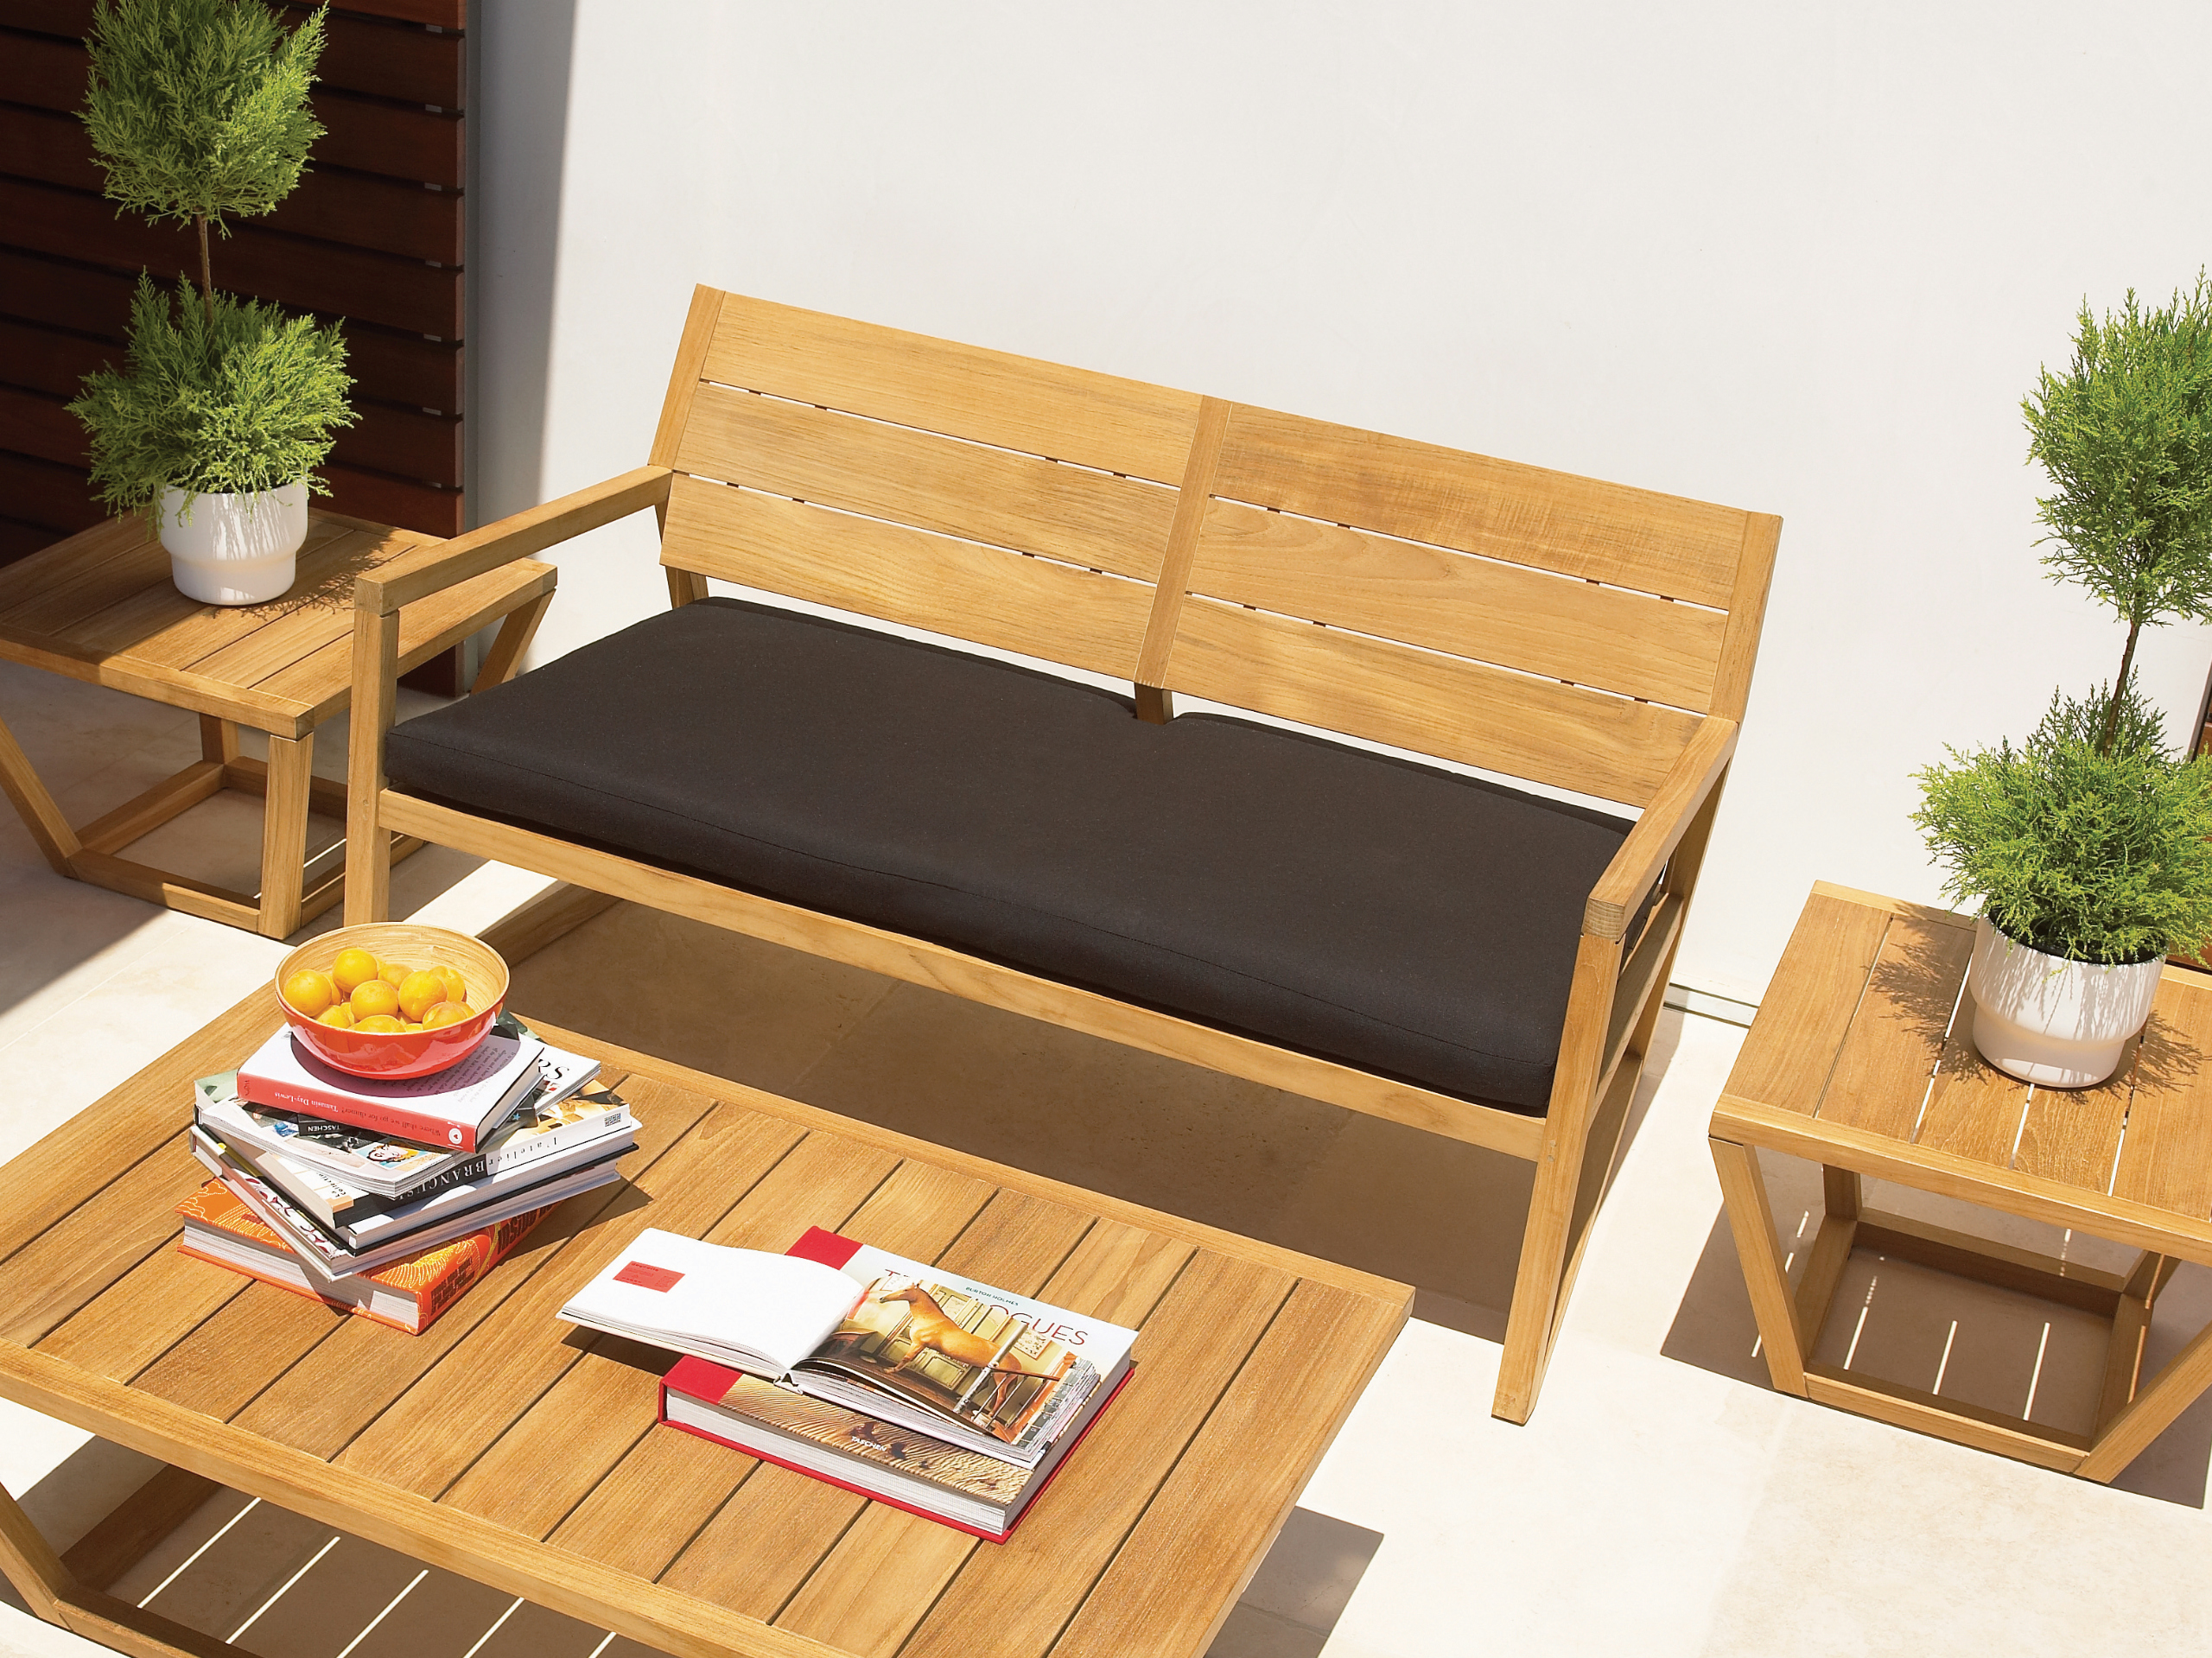 Tratamiento de los muebles de jard n - Muebles exterior madera ...